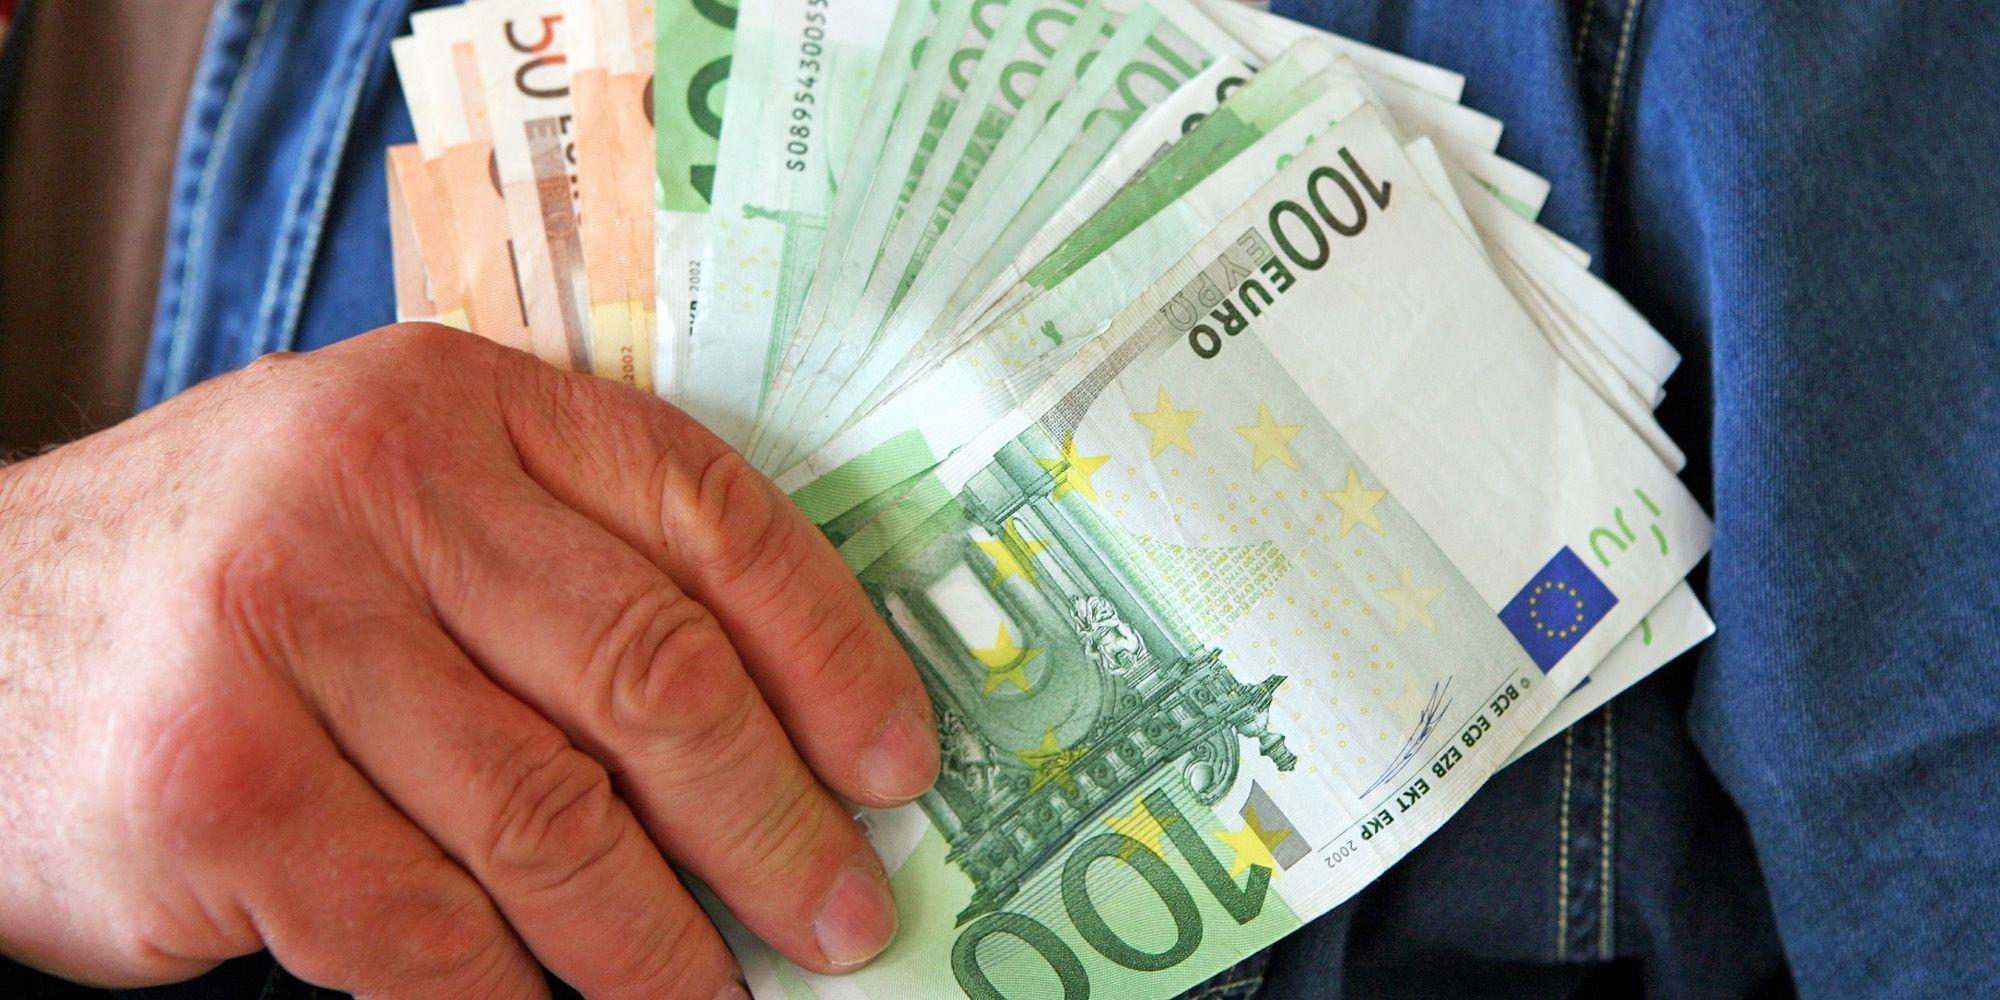 billetes-euros-en-mano